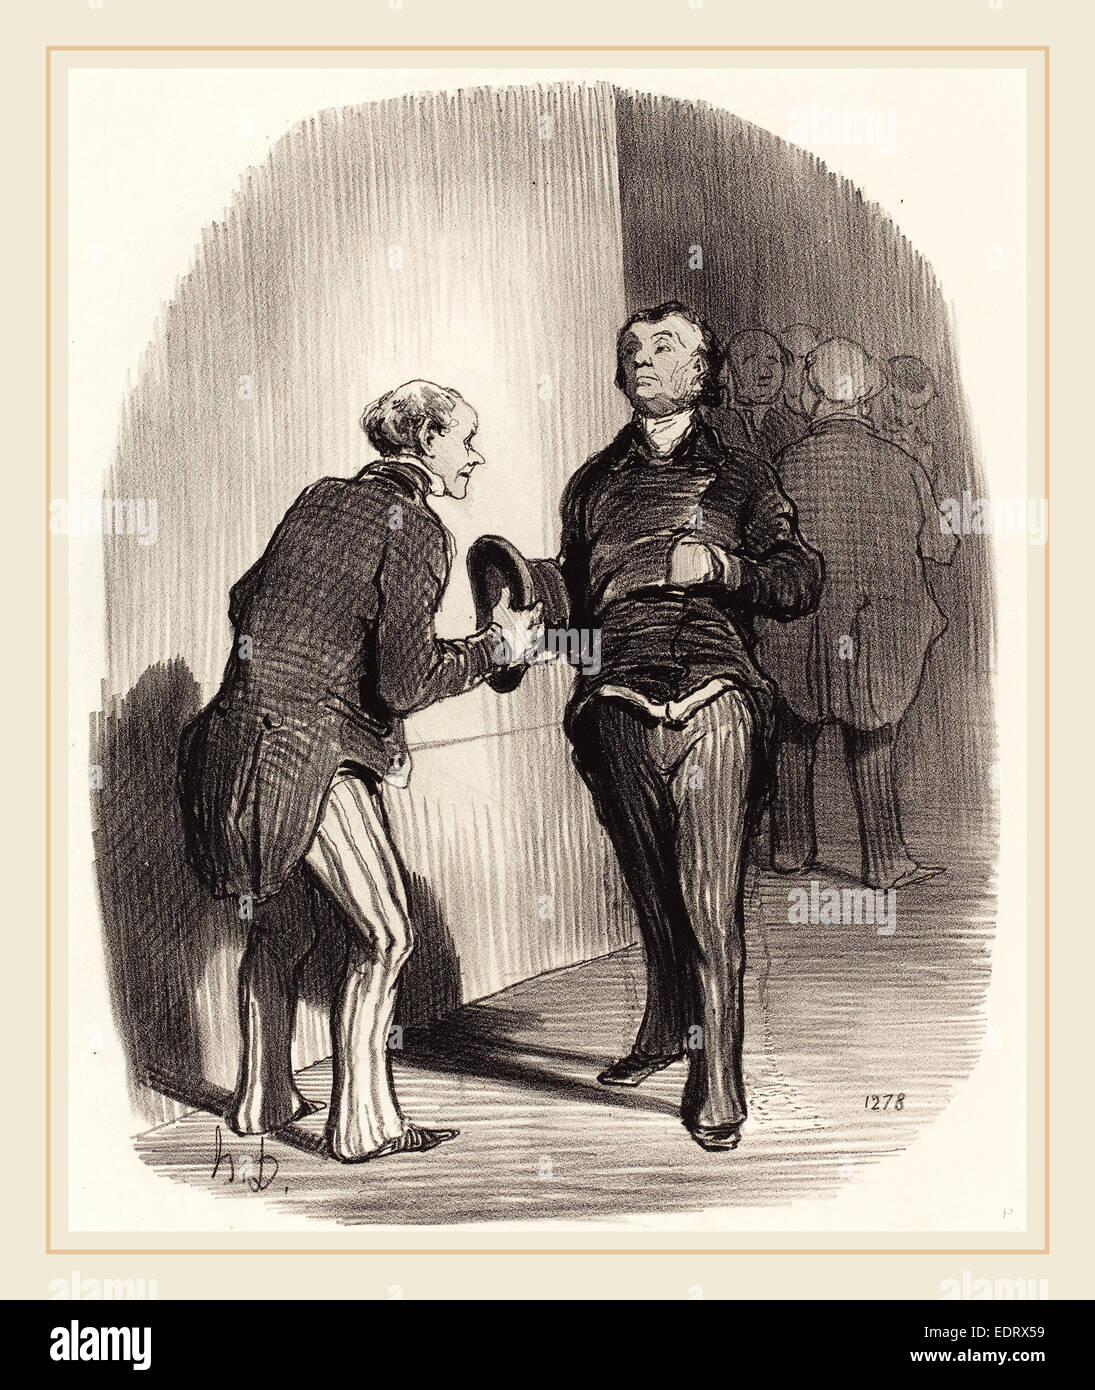 Honoré Daumier (French, 1808-1879), Vue d'une antichambre ministérielle, 1849, lithograph - Stock Image